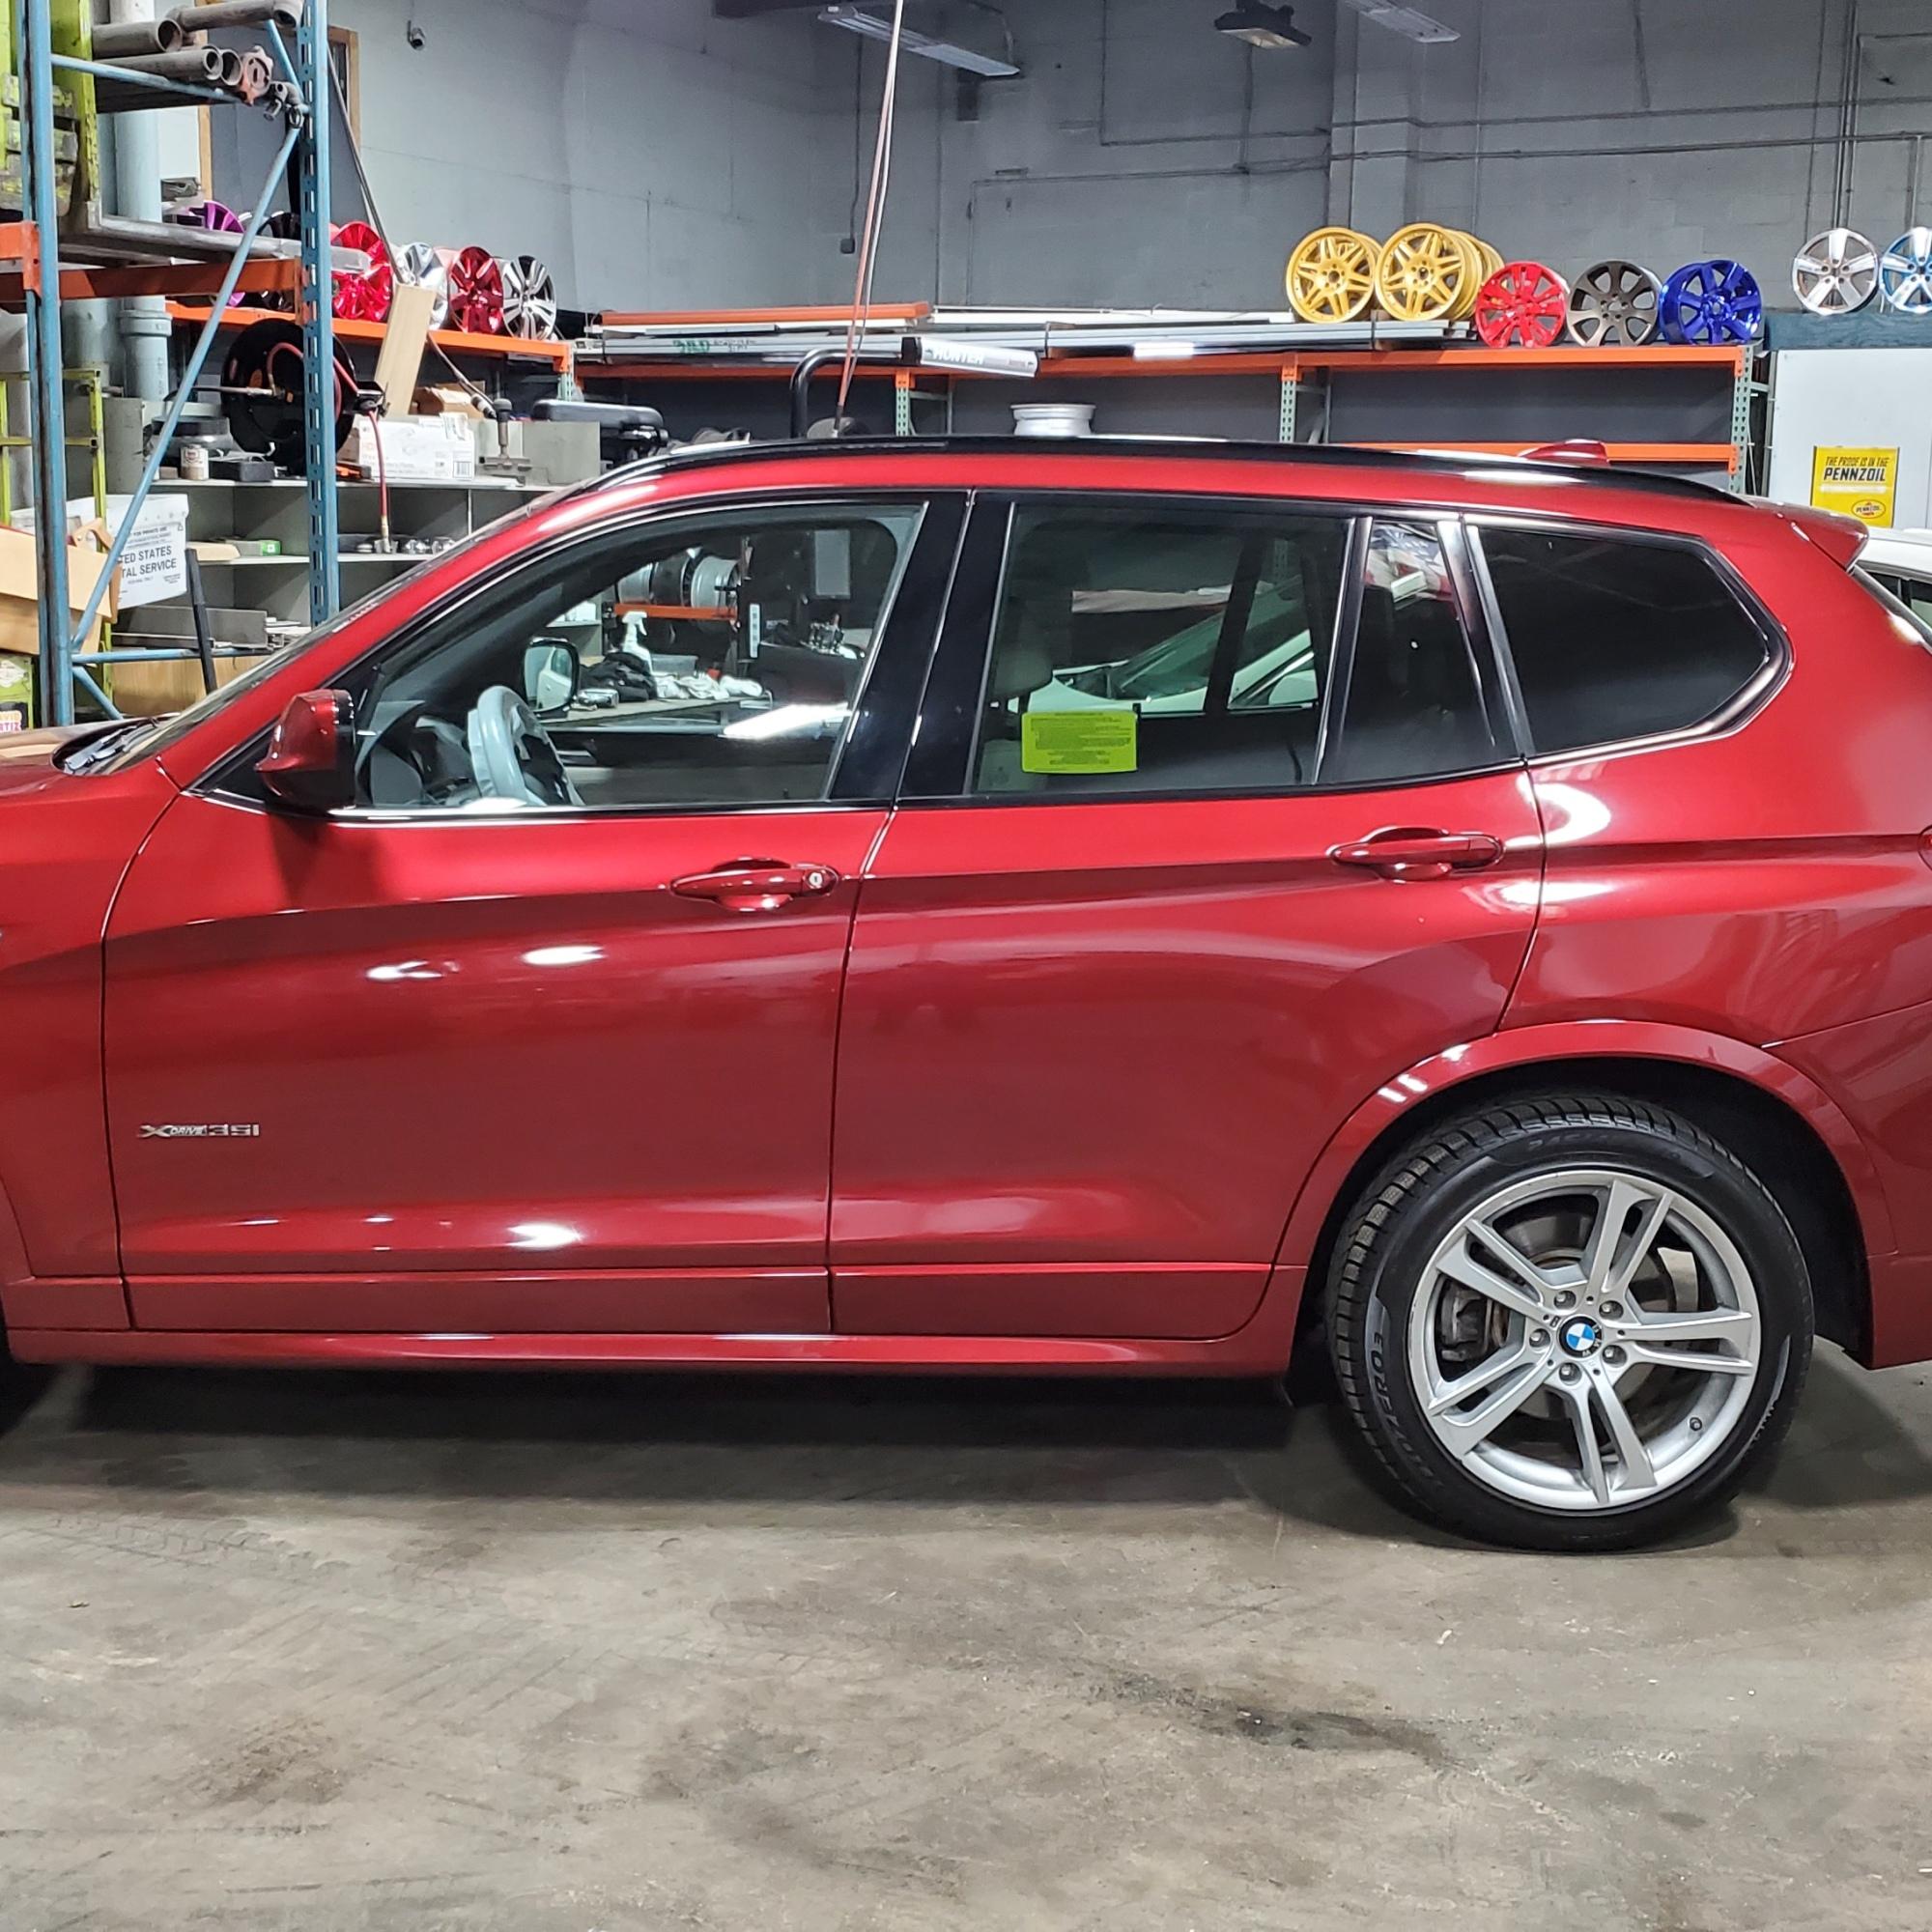 BMW Wheel Repair Silver Rims